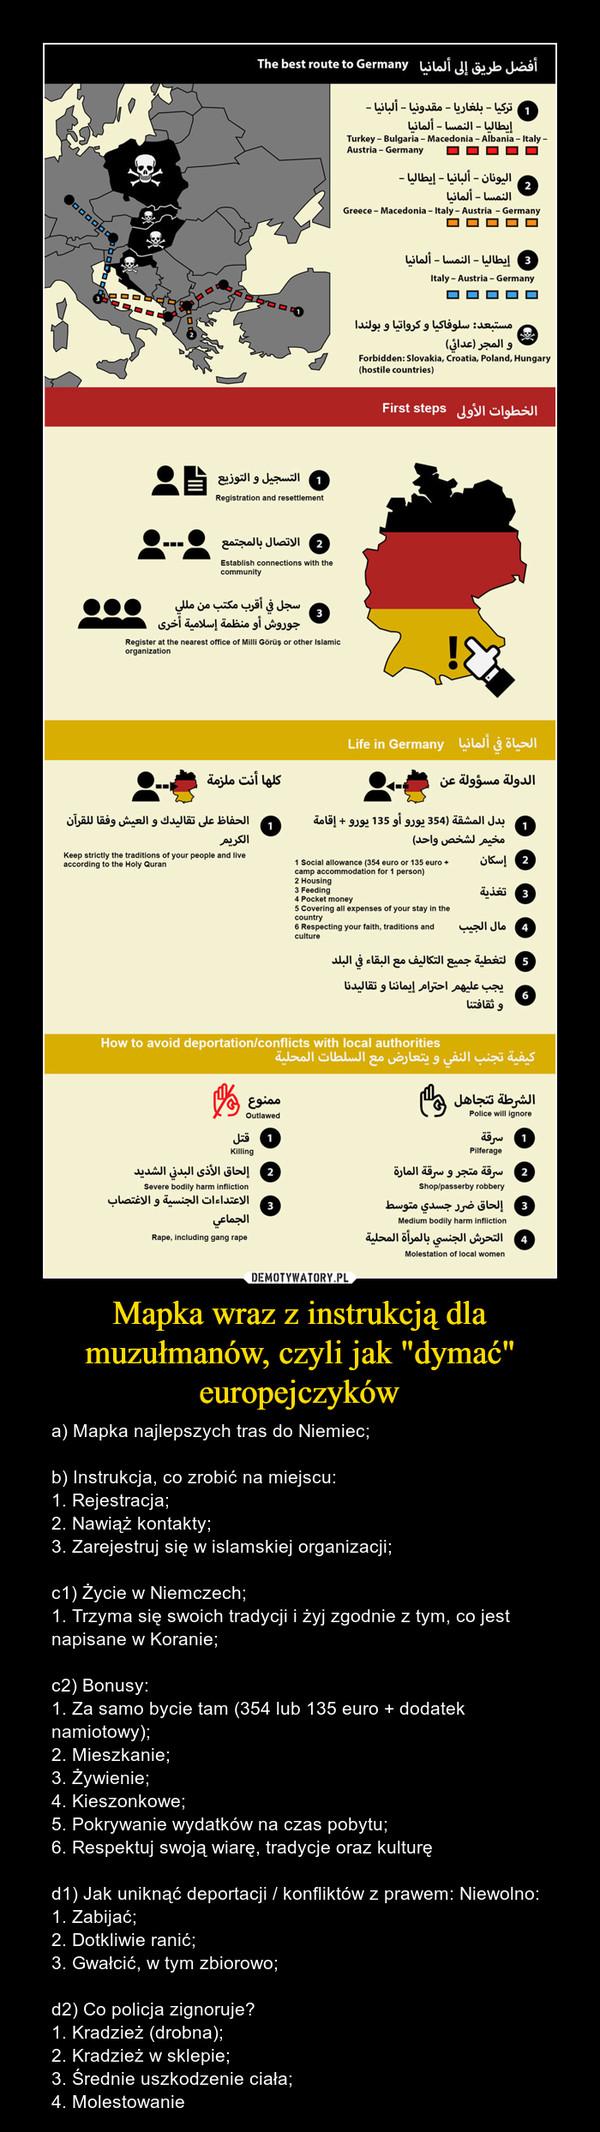 """Mapka wraz z instrukcją dla muzułmanów, czyli jak """"dymać"""" europejczyków – a) Mapka najlepszych tras do Niemiec;b) Instrukcja, co zrobić na miejscu: 1. Rejestracja; 2. Nawiąż kontakty; 3. Zarejestruj się w islamskiej organizacji;c1) Życie w Niemczech; 1. Trzyma się swoich tradycji i żyj zgodnie z tym, co jest napisane w Koranie;c2) Bonusy: 1. Za samo bycie tam (354 lub 135 euro + dodatek namiotowy); 2. Mieszkanie; 3. Żywienie; 4. Kieszonkowe; 5. Pokrywanie wydatków na czas pobytu; 6. Respektuj swoją wiarę, tradycje oraz kulturęd1) Jak uniknąć deportacji / konfliktów z prawem: Niewolno: 1. Zabijać; 2. Dotkliwie ranić; 3. Gwałcić, w tym zbiorowo;d2) Co policja zignoruje?1. Kradzież (drobna); 2. Kradzież w sklepie; 3. Średnie uszkodzenie ciała; 4. Molestowanie"""